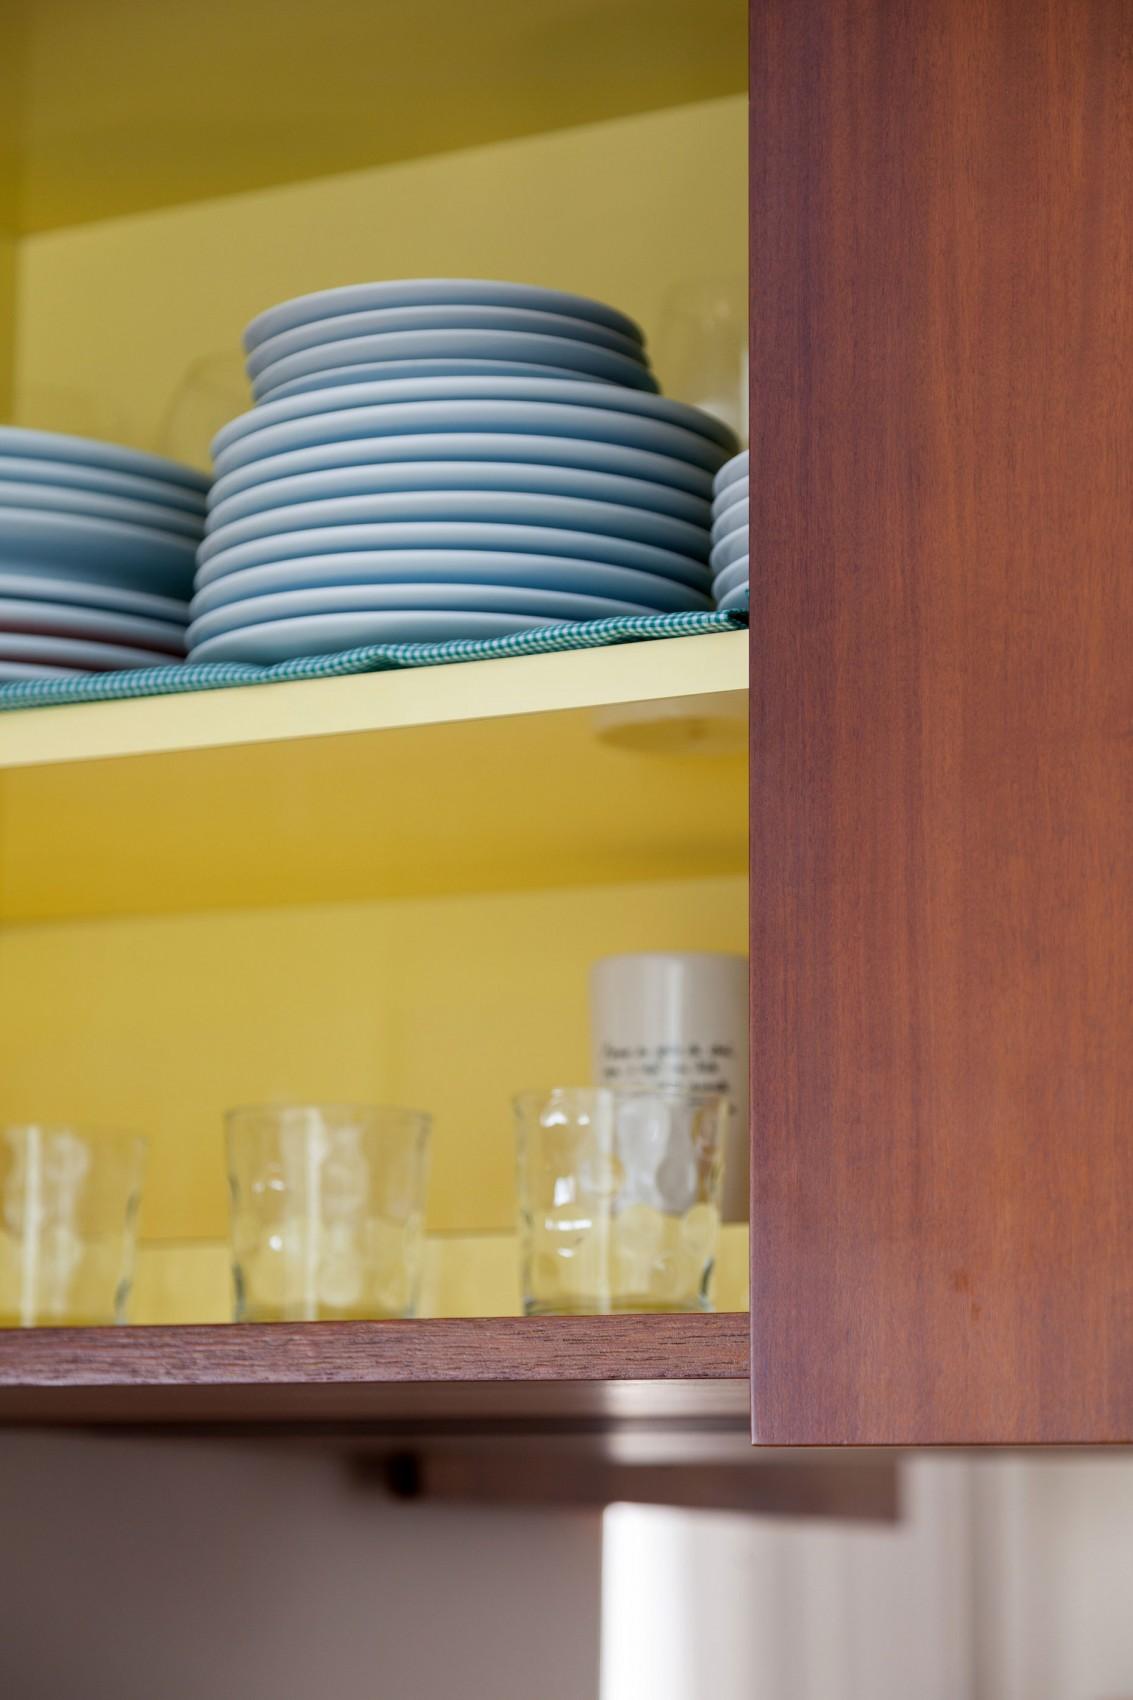 Посуда на полках в антресоли